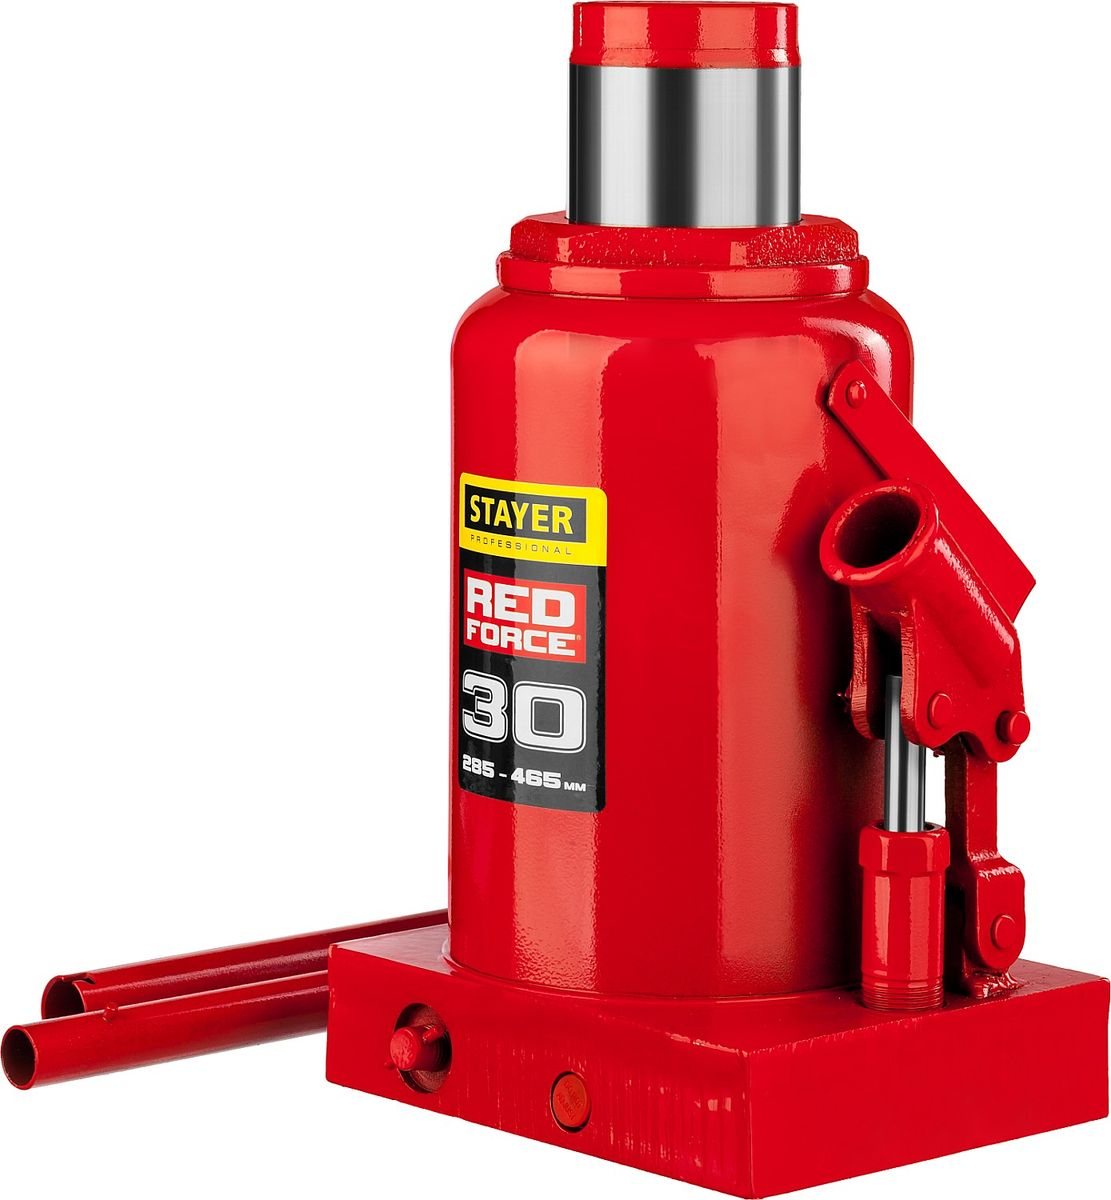 Домкрат Stayer Red Force, гидравлический бутылочный, 30 т, высота подъема 28,5-46,5 см домкрат stayer red force гидравлический бутылочный 25 т высота подъема 24 37 5 см